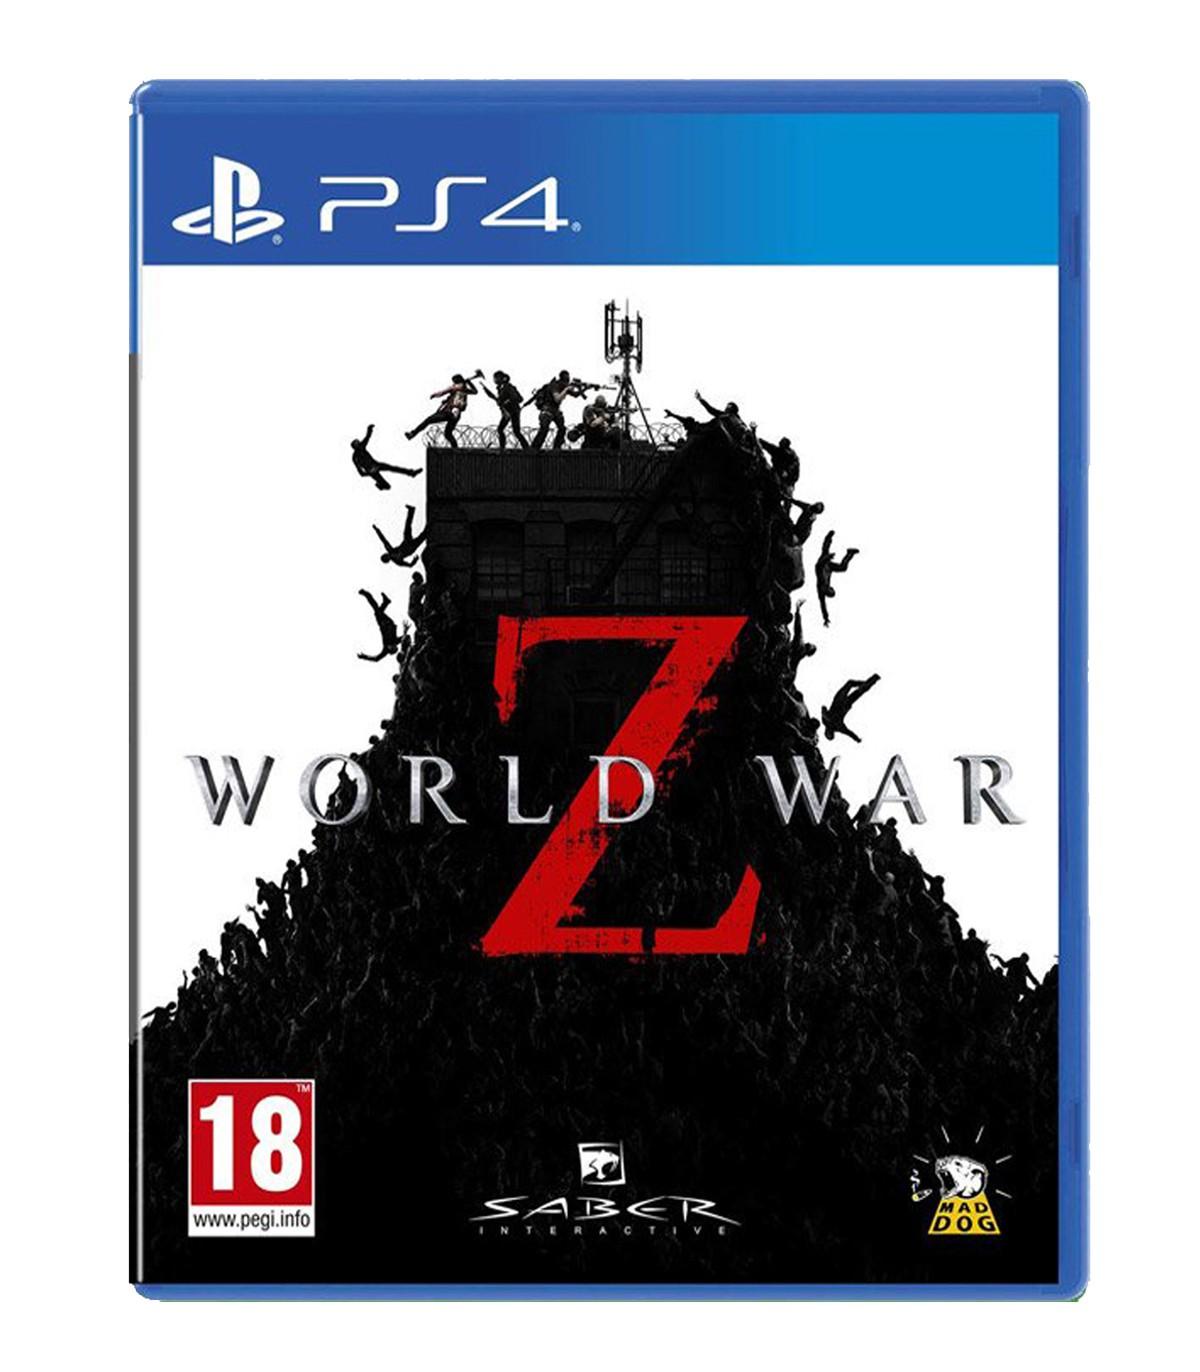 بازی World War Z کارکرده - پلی استیشن 4